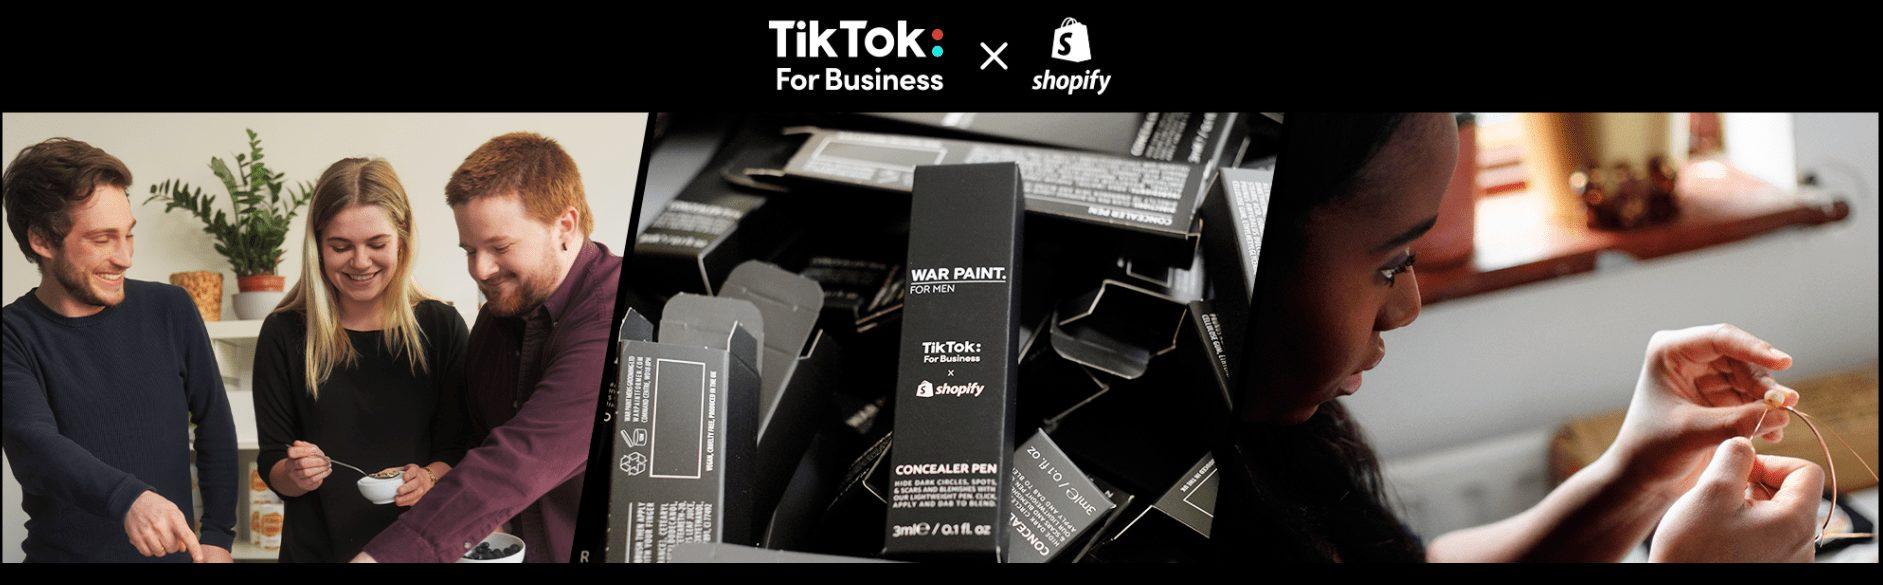 TikTok x Shopify